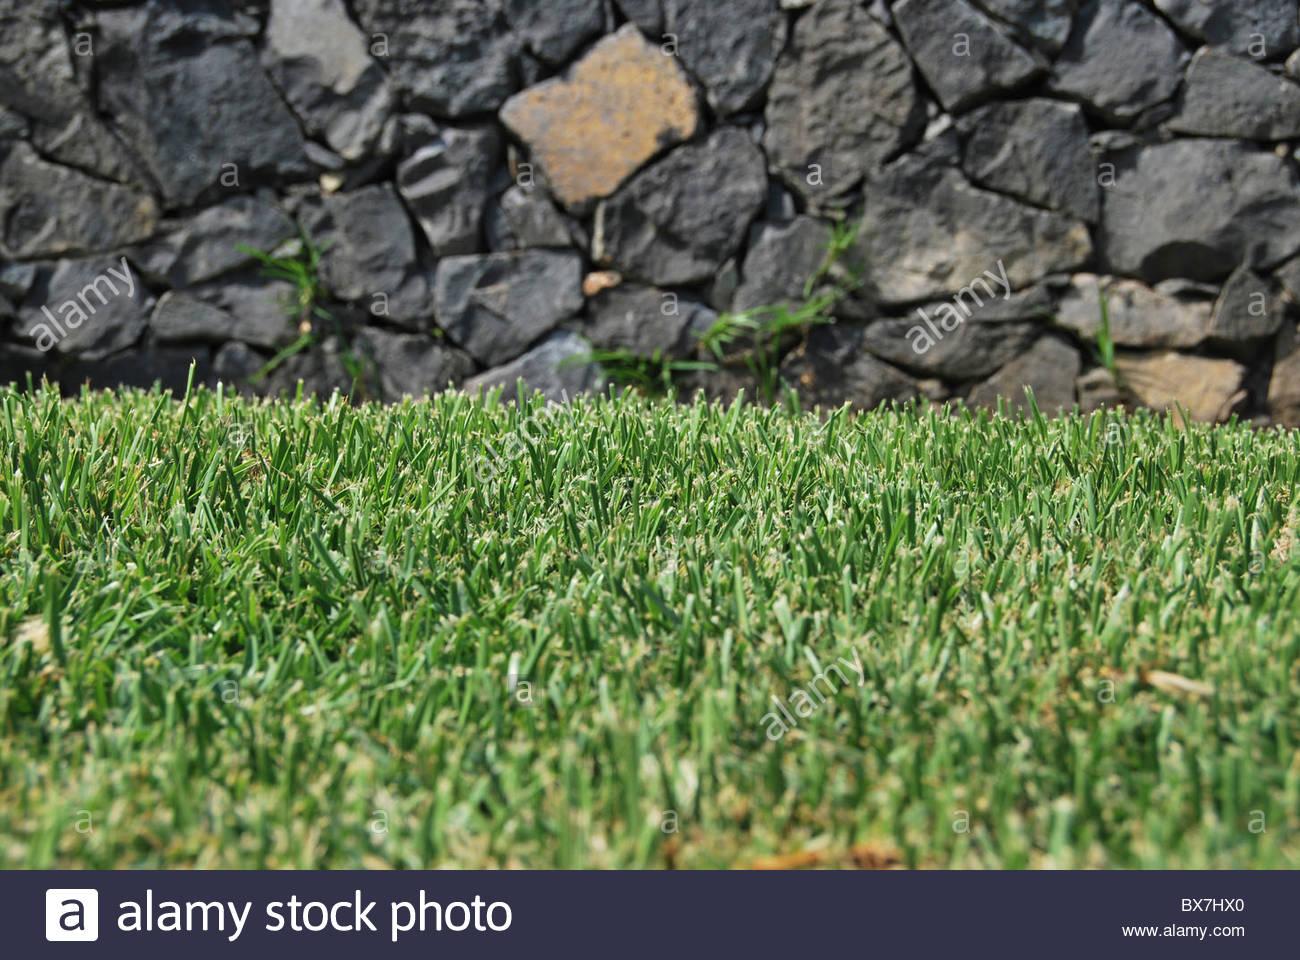 Vor kurzem geschnittenen Rasen. Gartenarbeit und Ökologie-Konzept Stockbild